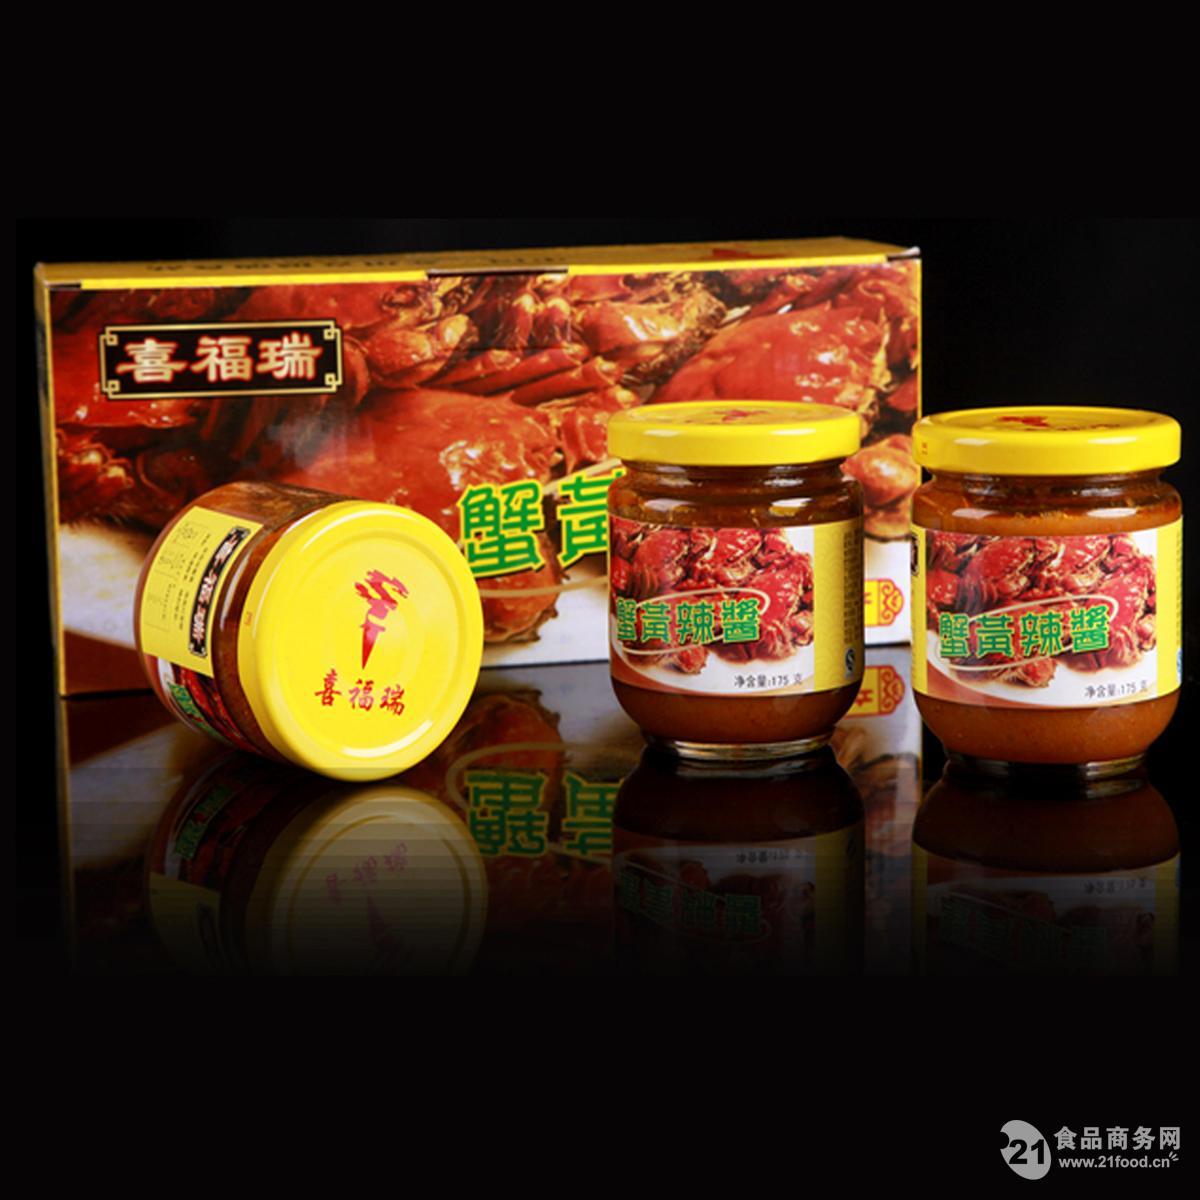 喜福瑞蟹黄辣酱礼盒